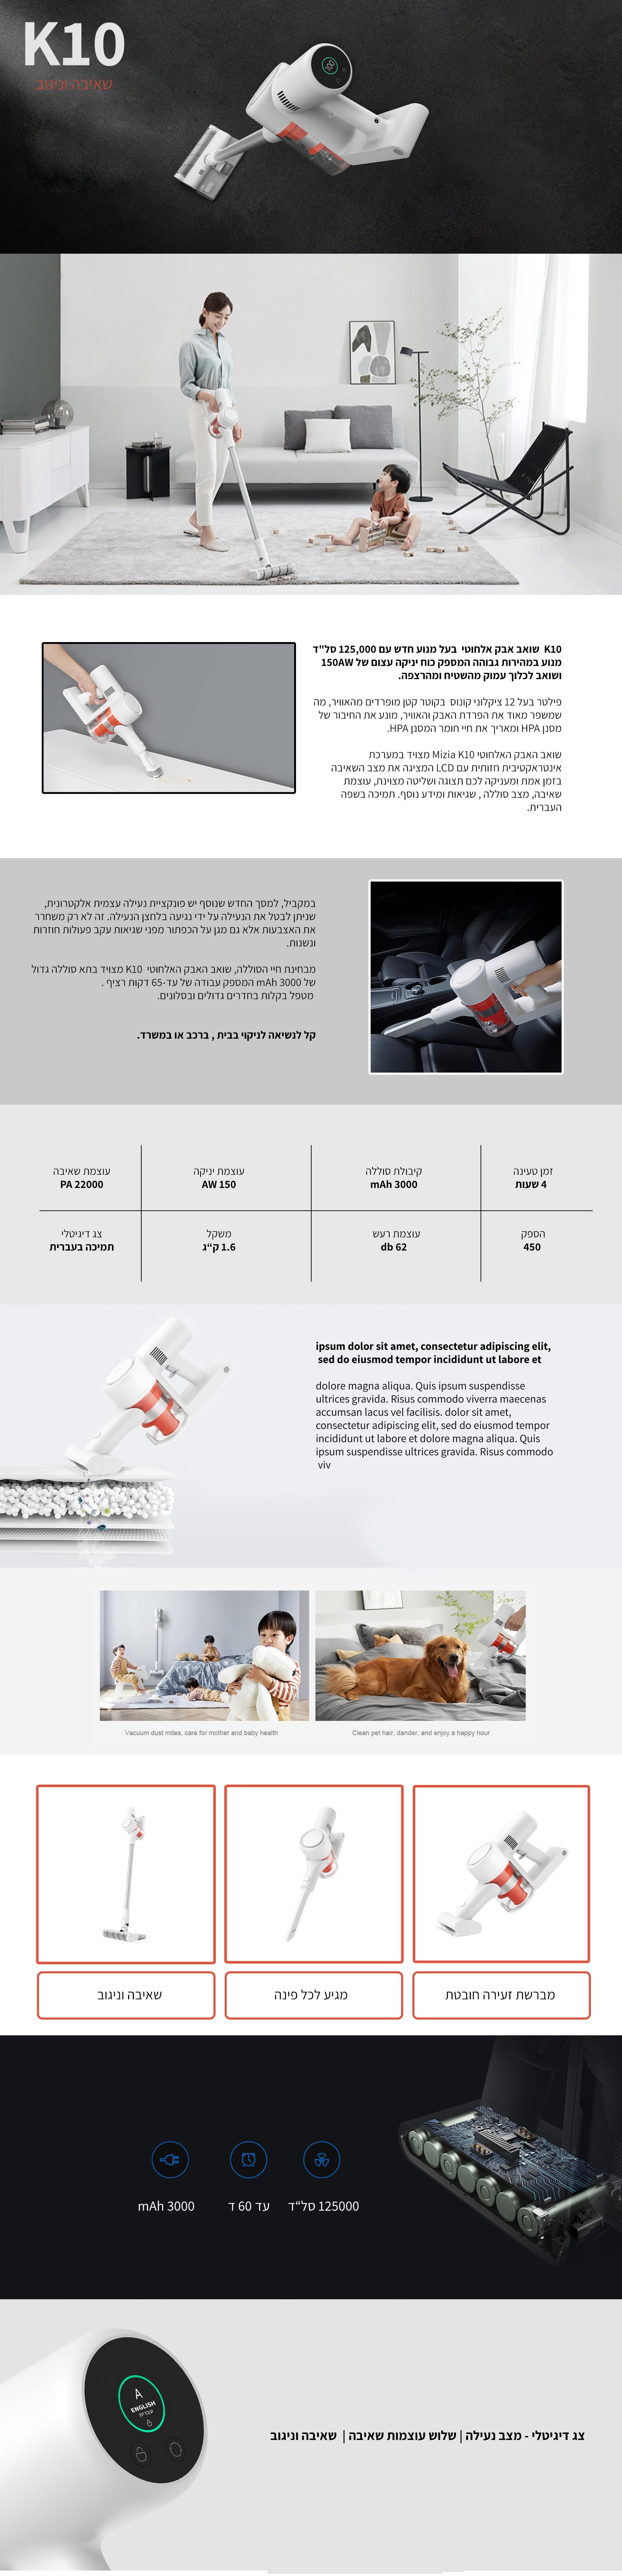 שואב אבק אלחוטי K10 שאיבה וניגוב מבית שיאומי יבוא מקביל | שואבי אבק אלחוטיים של Xiaomi הכי זולים בארץ! 19